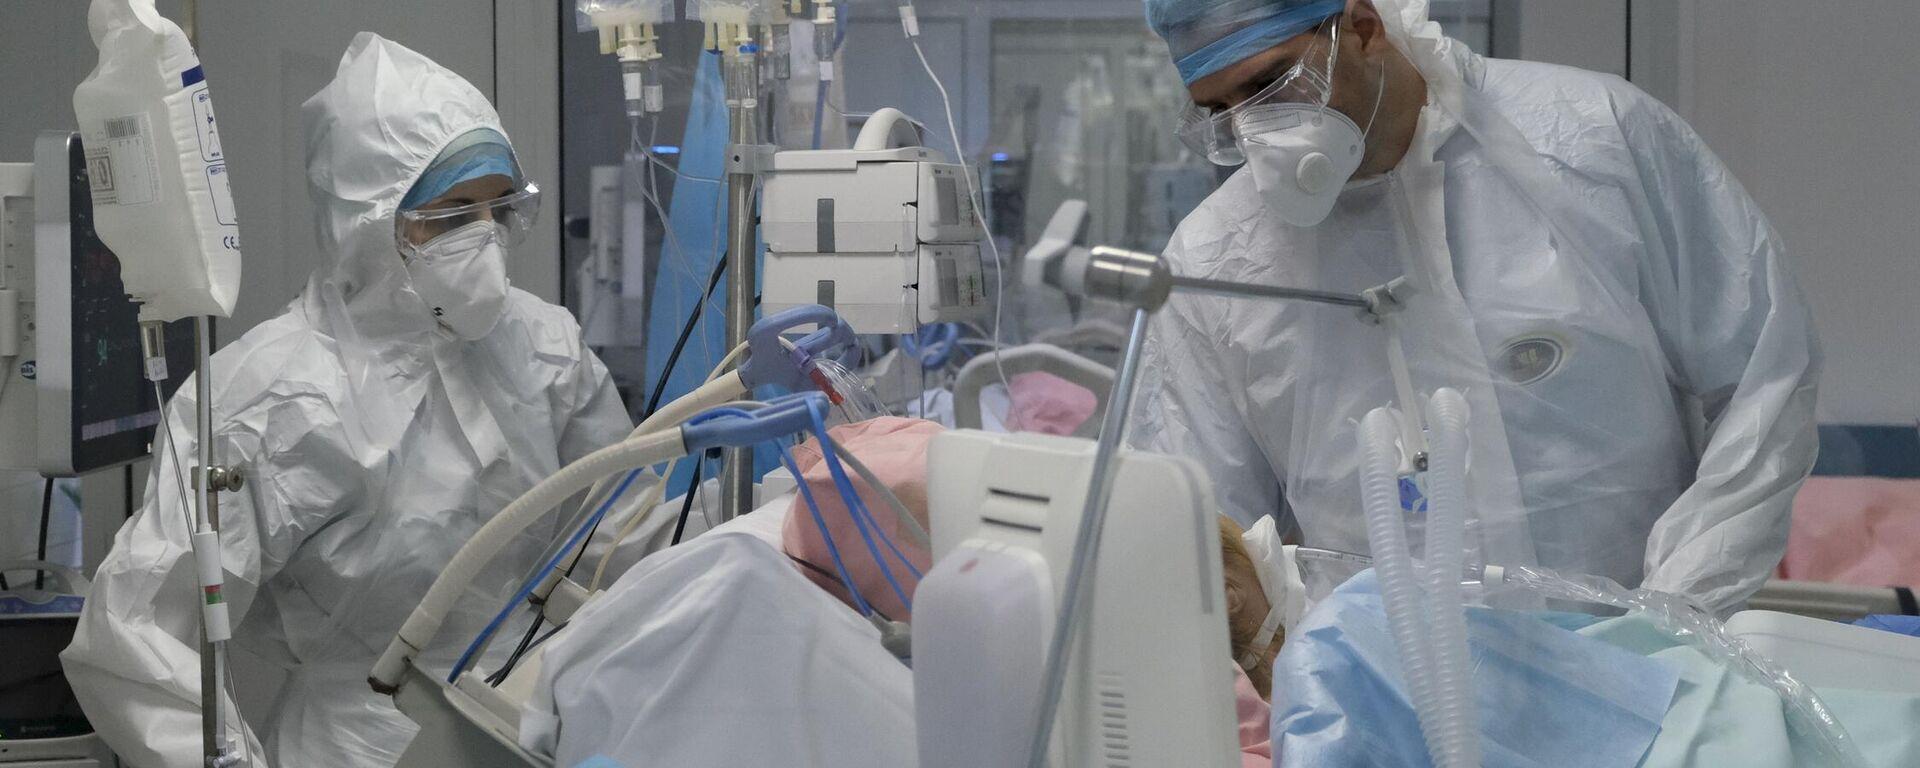 Ιατρικό προσωπικό σε ΜΕΘ σε νοσοκομείο της Αθήνας  - Sputnik Ελλάδα, 1920, 30.08.2021